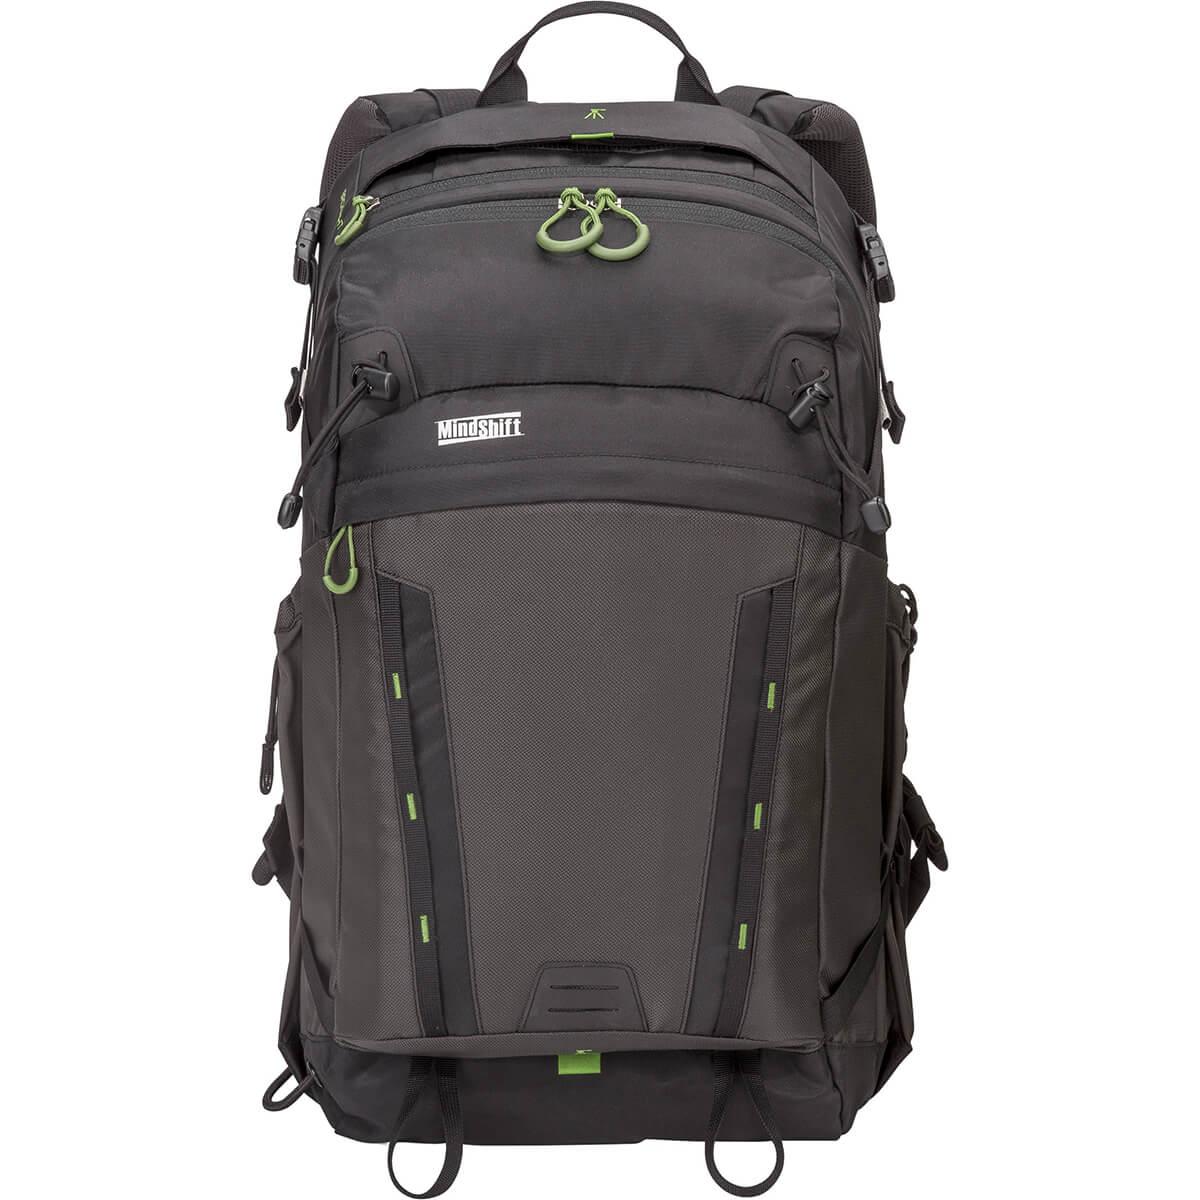 Best Camera Backpacks for Travel - MindShift Gear Backlight